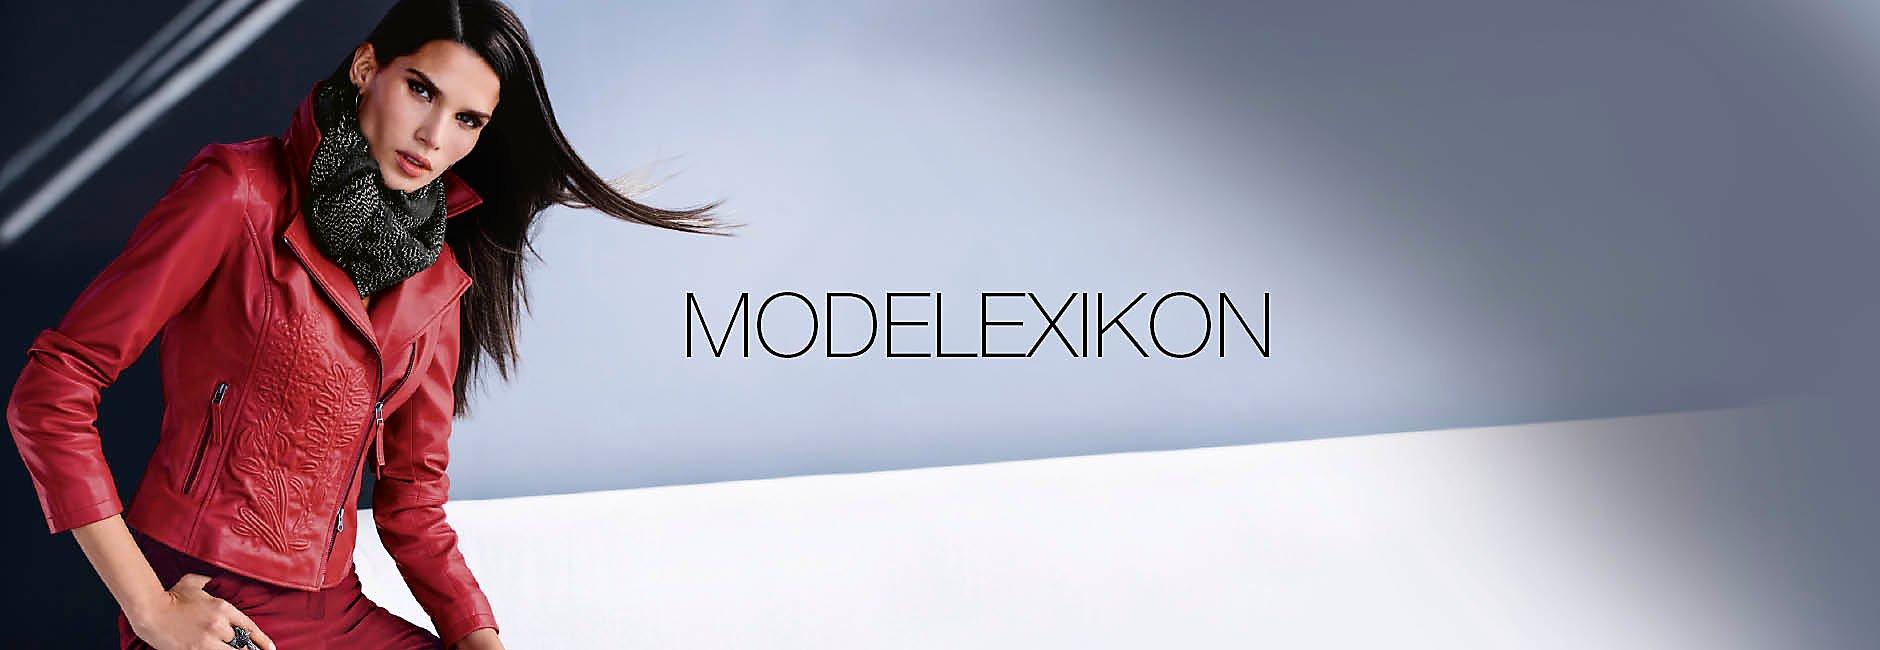 modelexikon madeleine mode. Black Bedroom Furniture Sets. Home Design Ideas